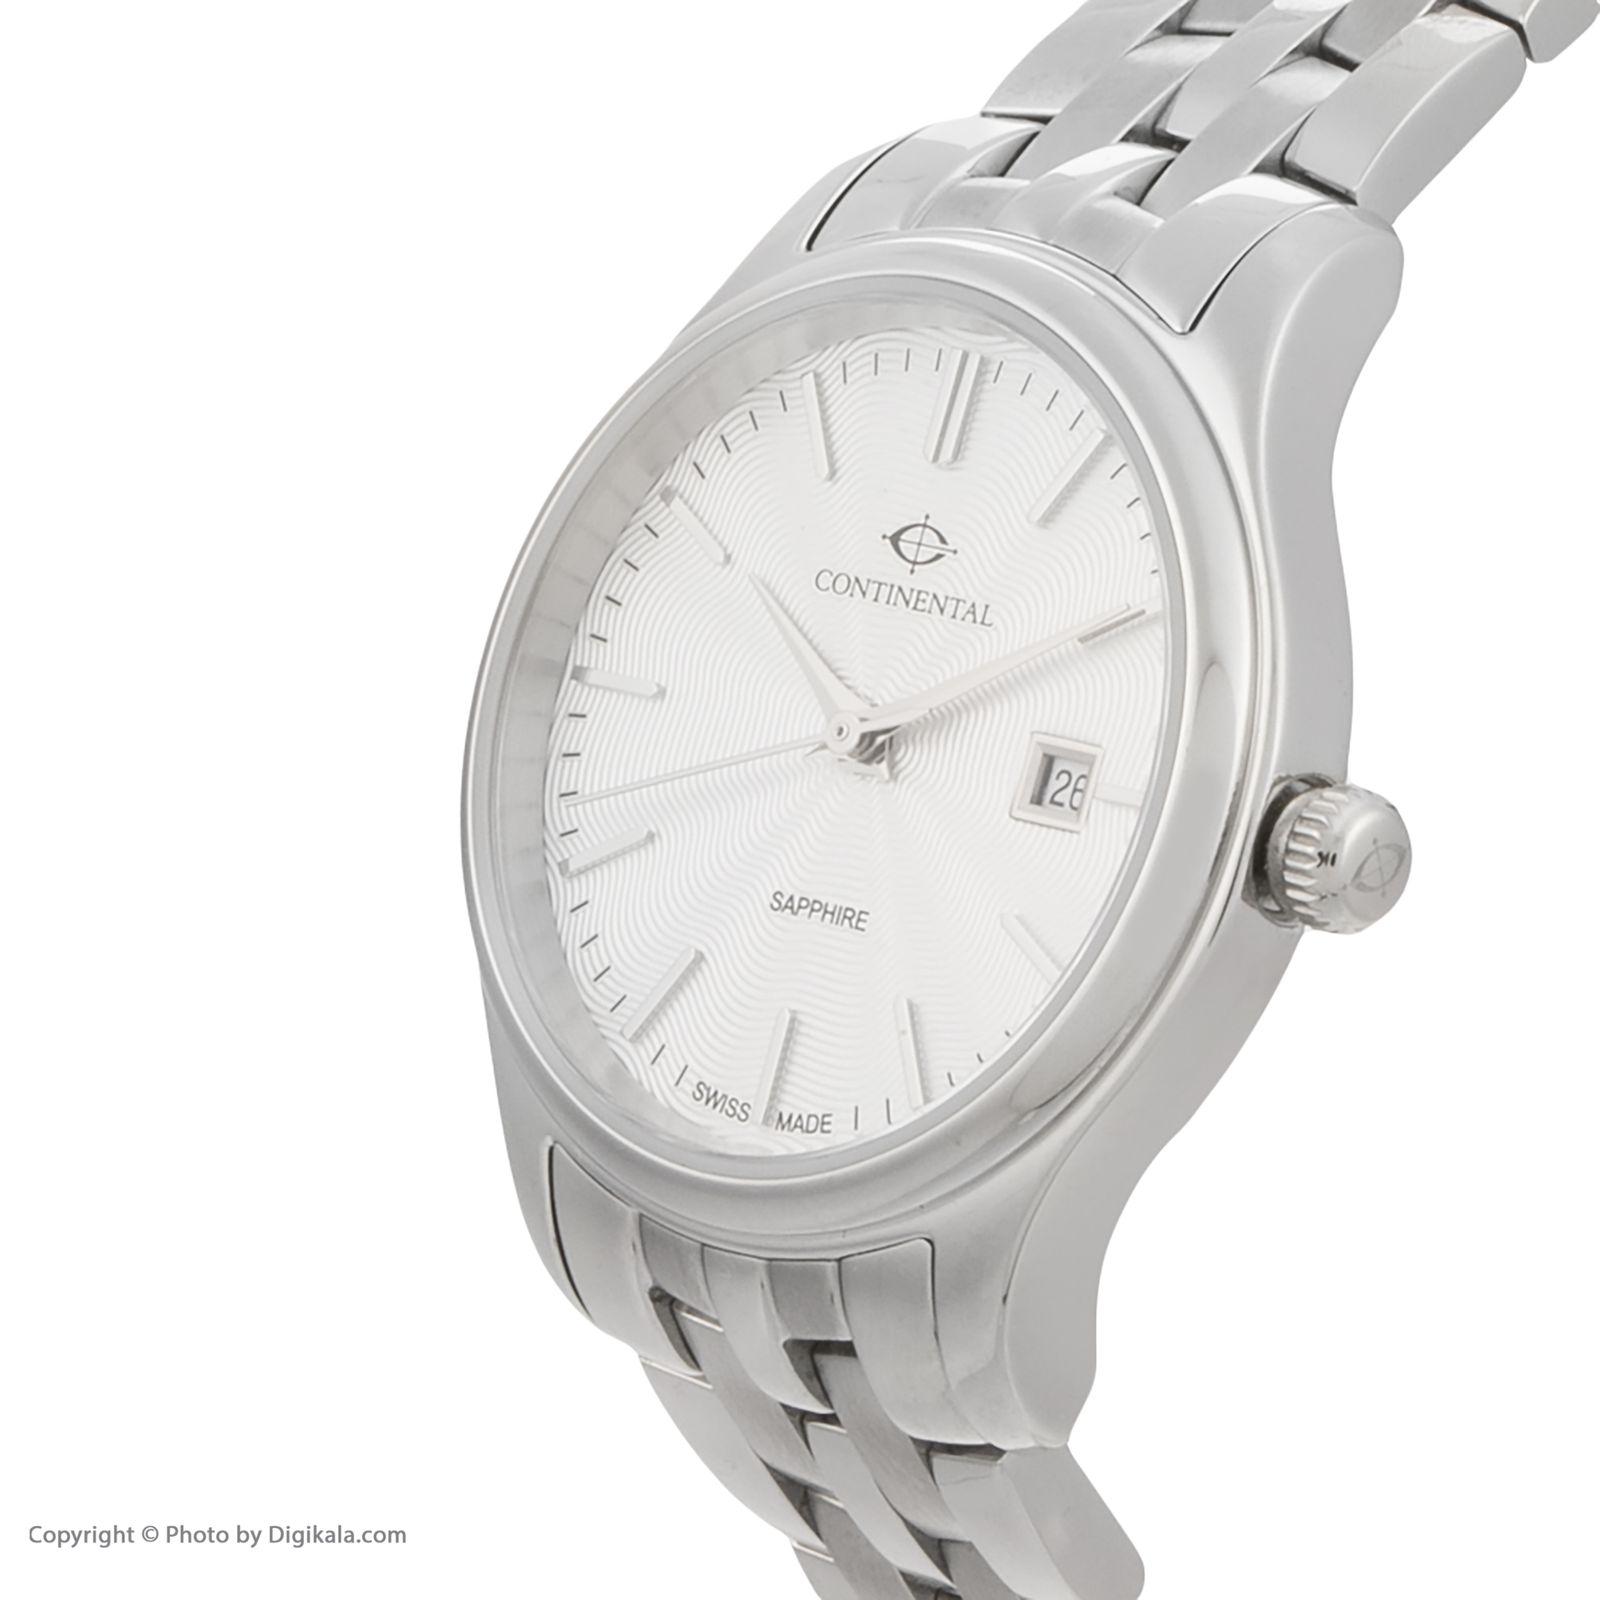 ساعت مچی عقربه ای زنانه کنتیننتال مدل 18102-LD101130 -  - 2